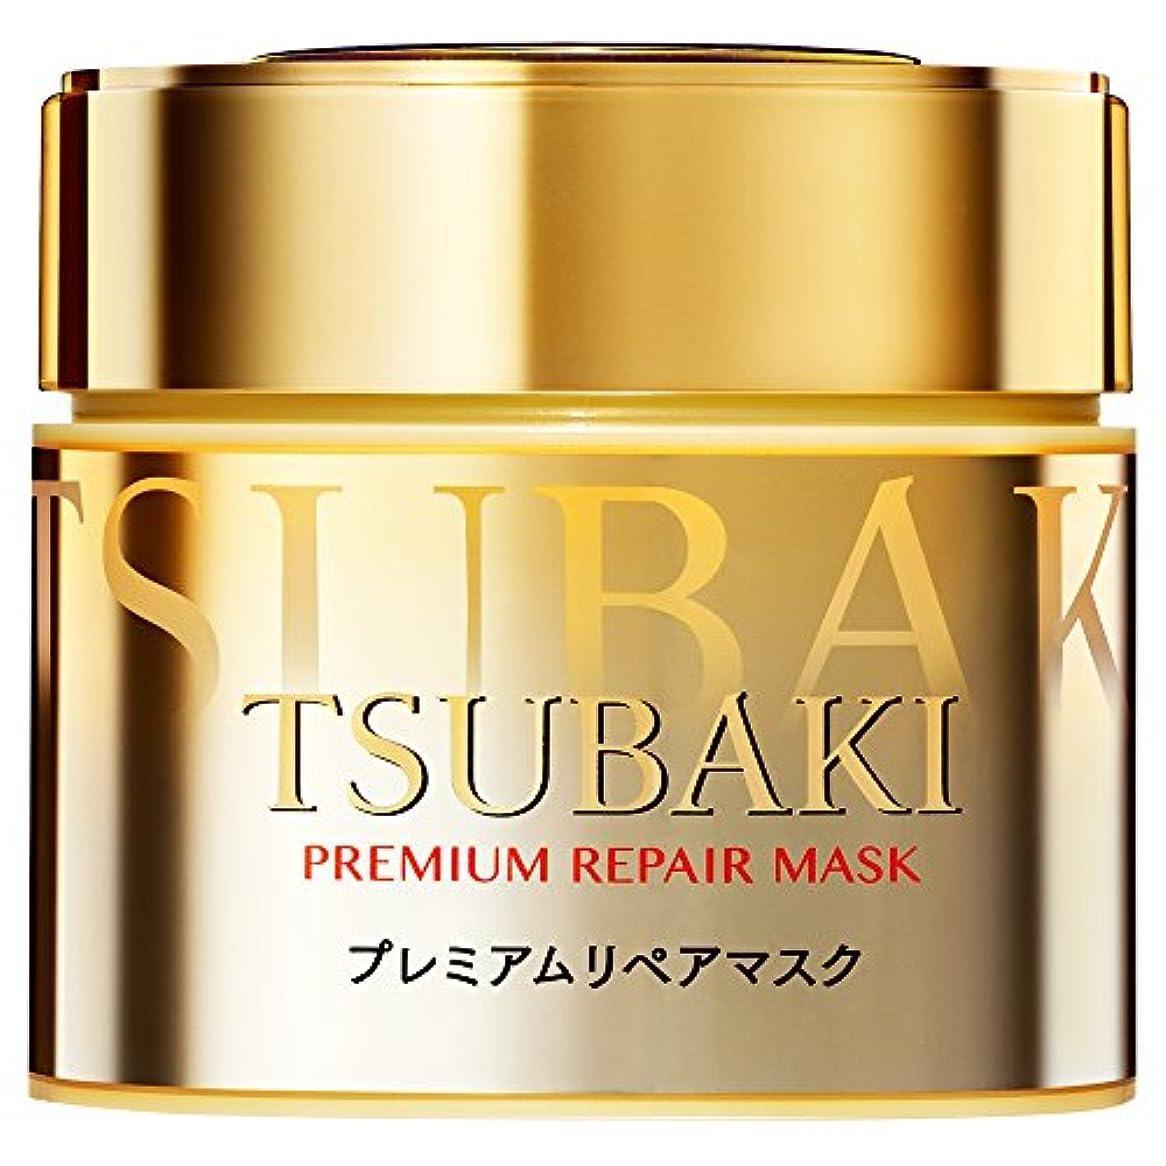 愛されし者日なんとなくTSUBAKI プレミアムリペアマスク 180g